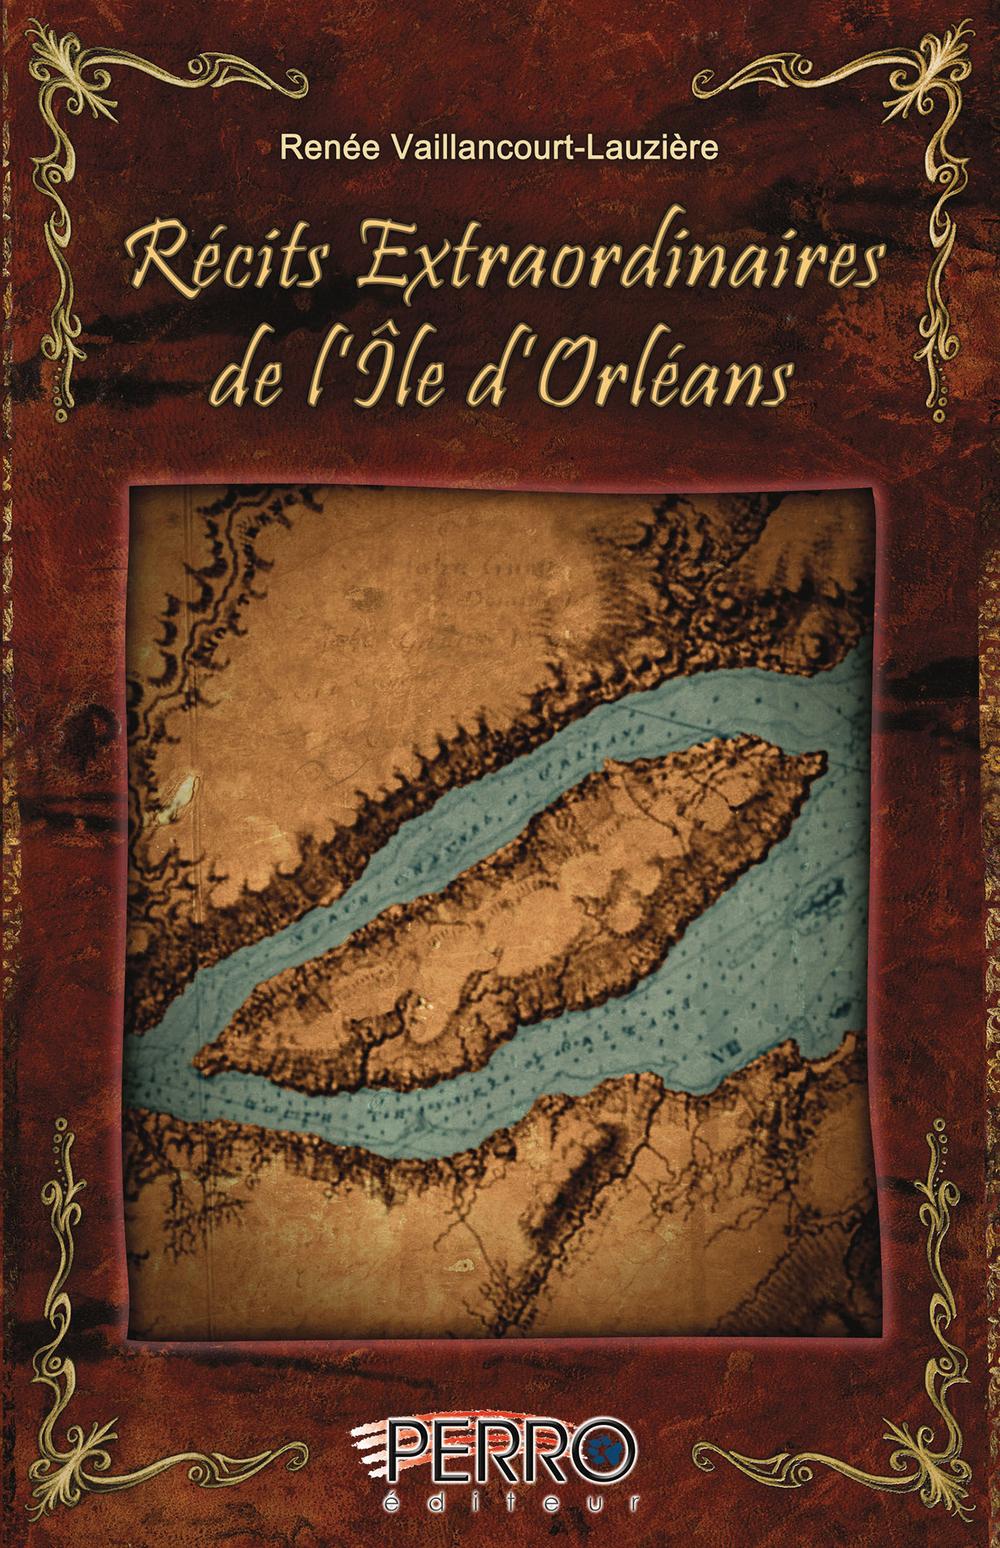 Récits extraordinaires de l'Île d'Orléans